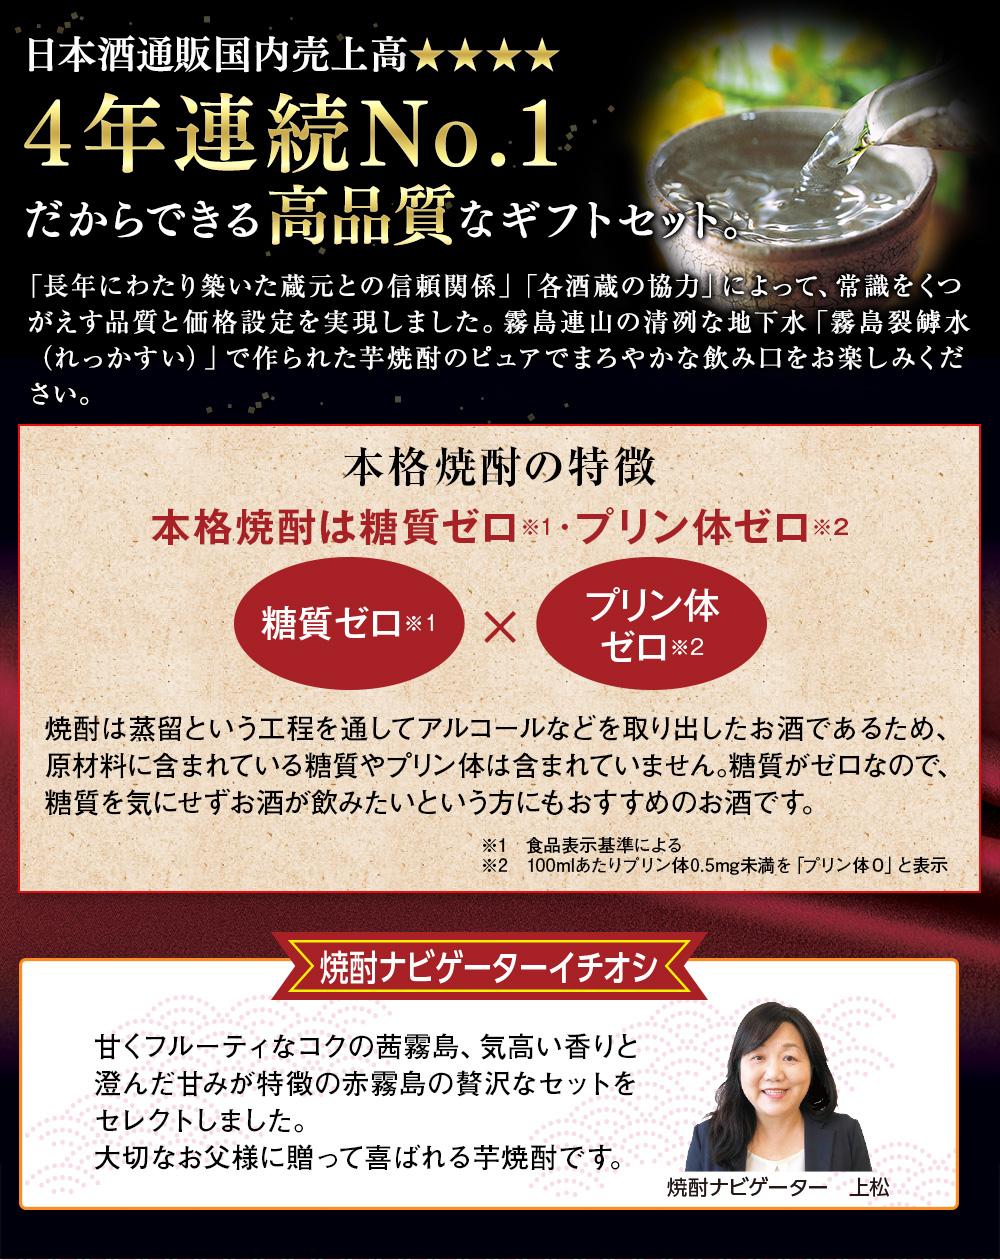 高品質なギフトセット!本格焼酎は糖質ゼロ!プリン体ゼロ!大切なお父様に贈って喜ばれる芋焼酎です。